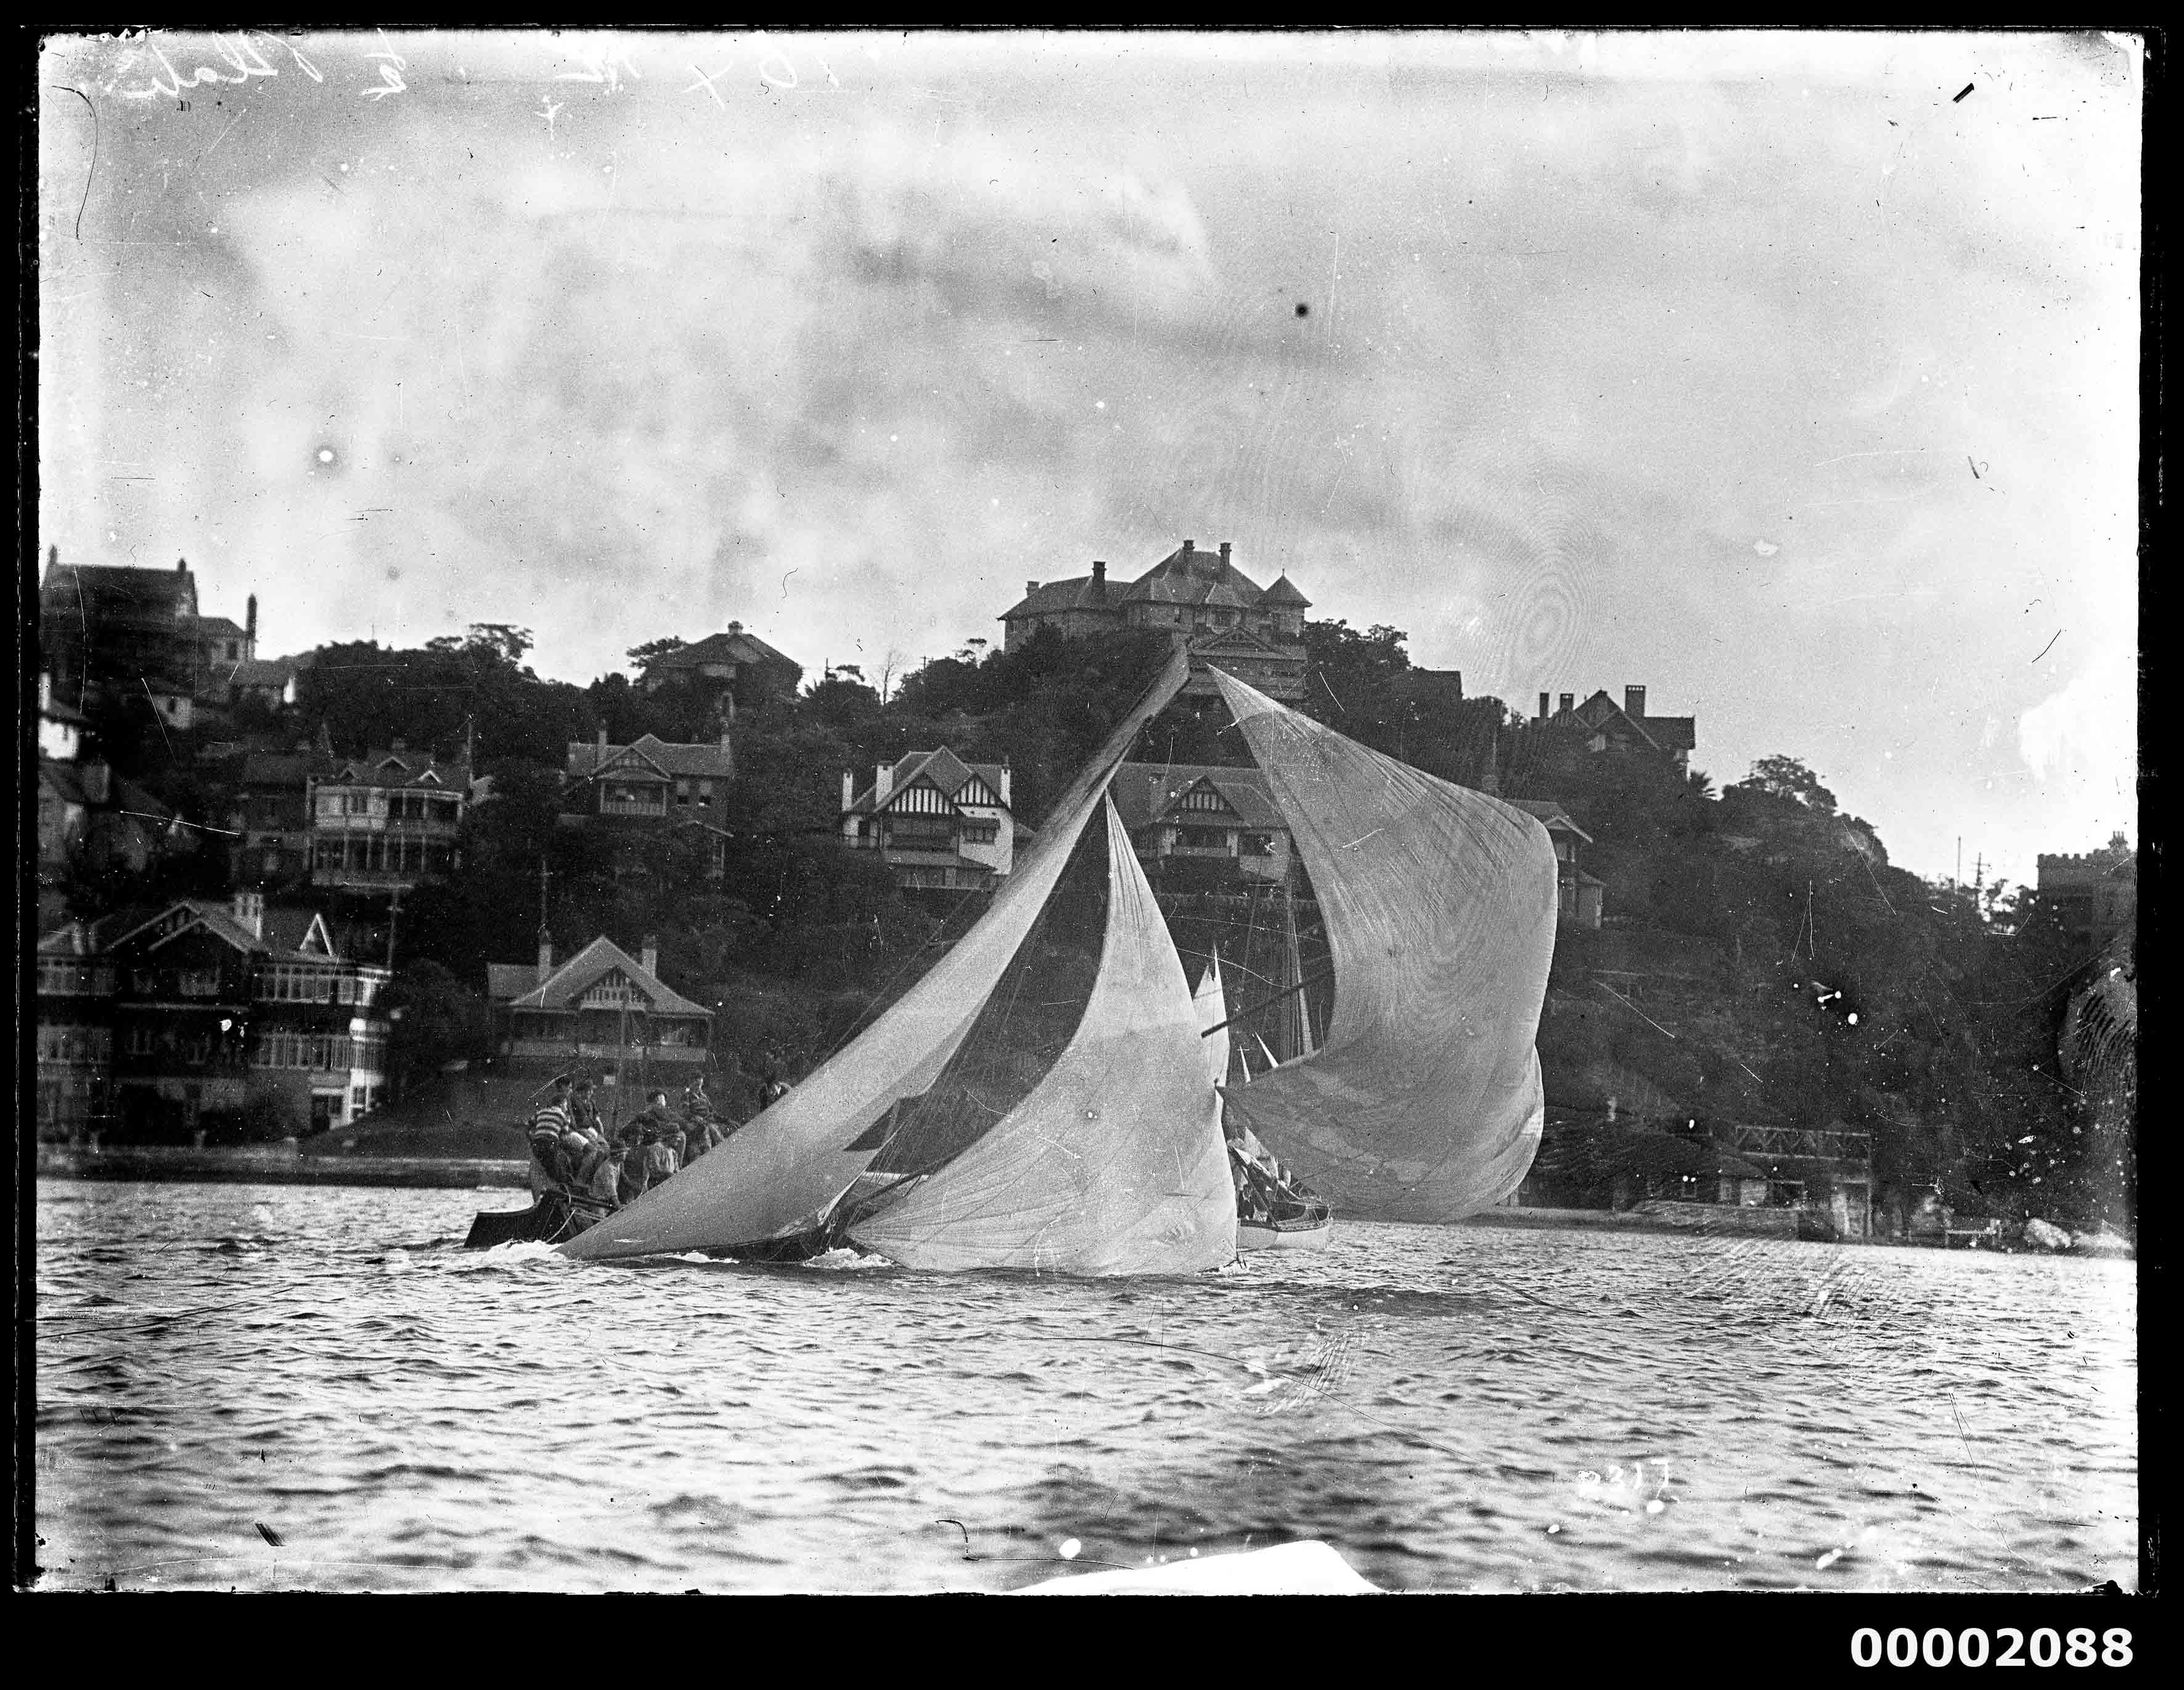 18-footer heeling to starboard, Sydney Harbour